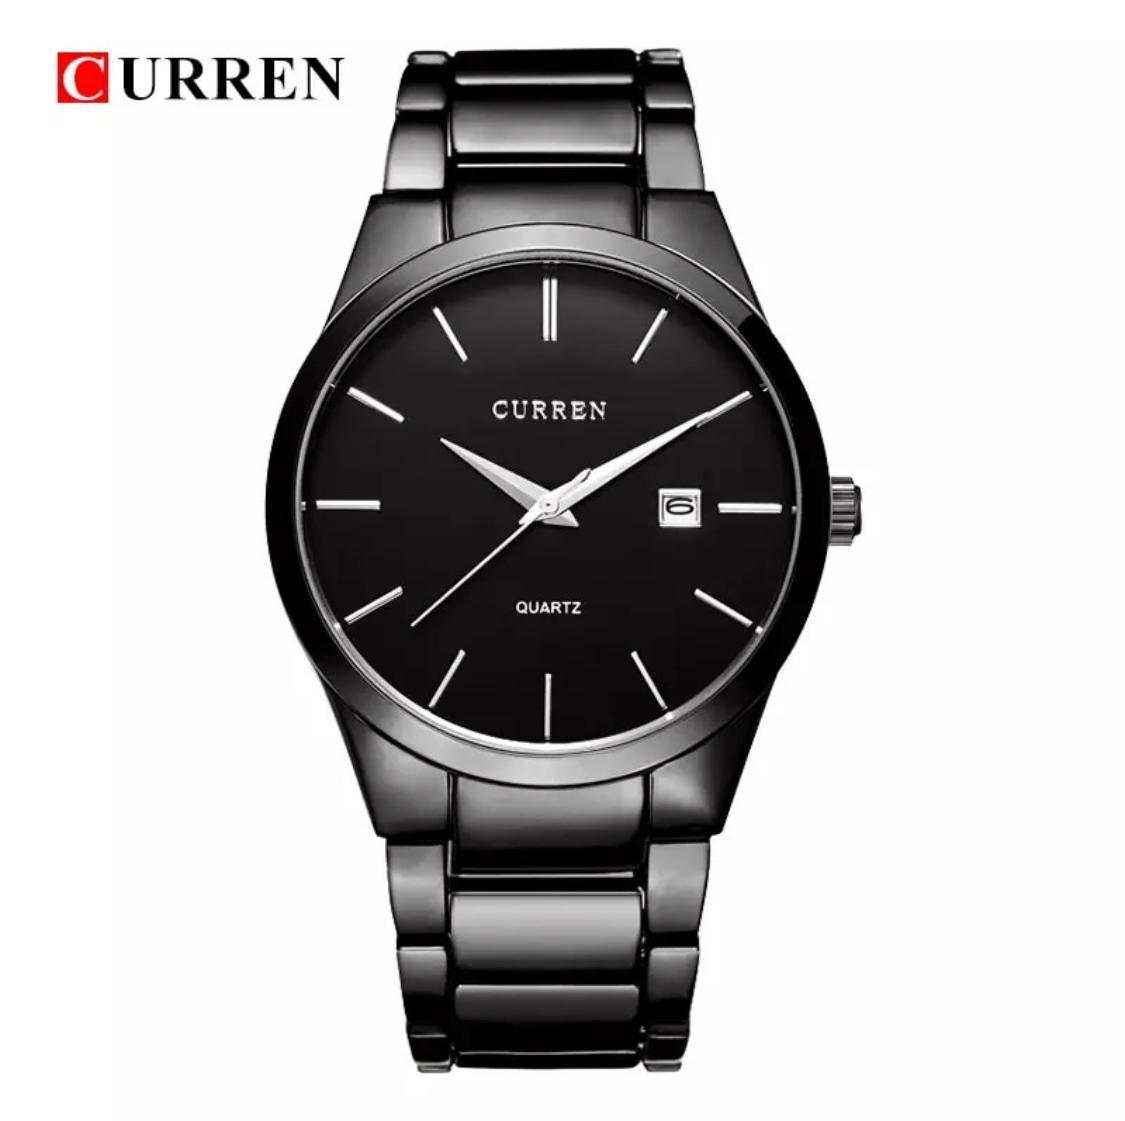 CURREN Luxury Brand Analog Sports Wristwatch Men's Quartz Watch Black